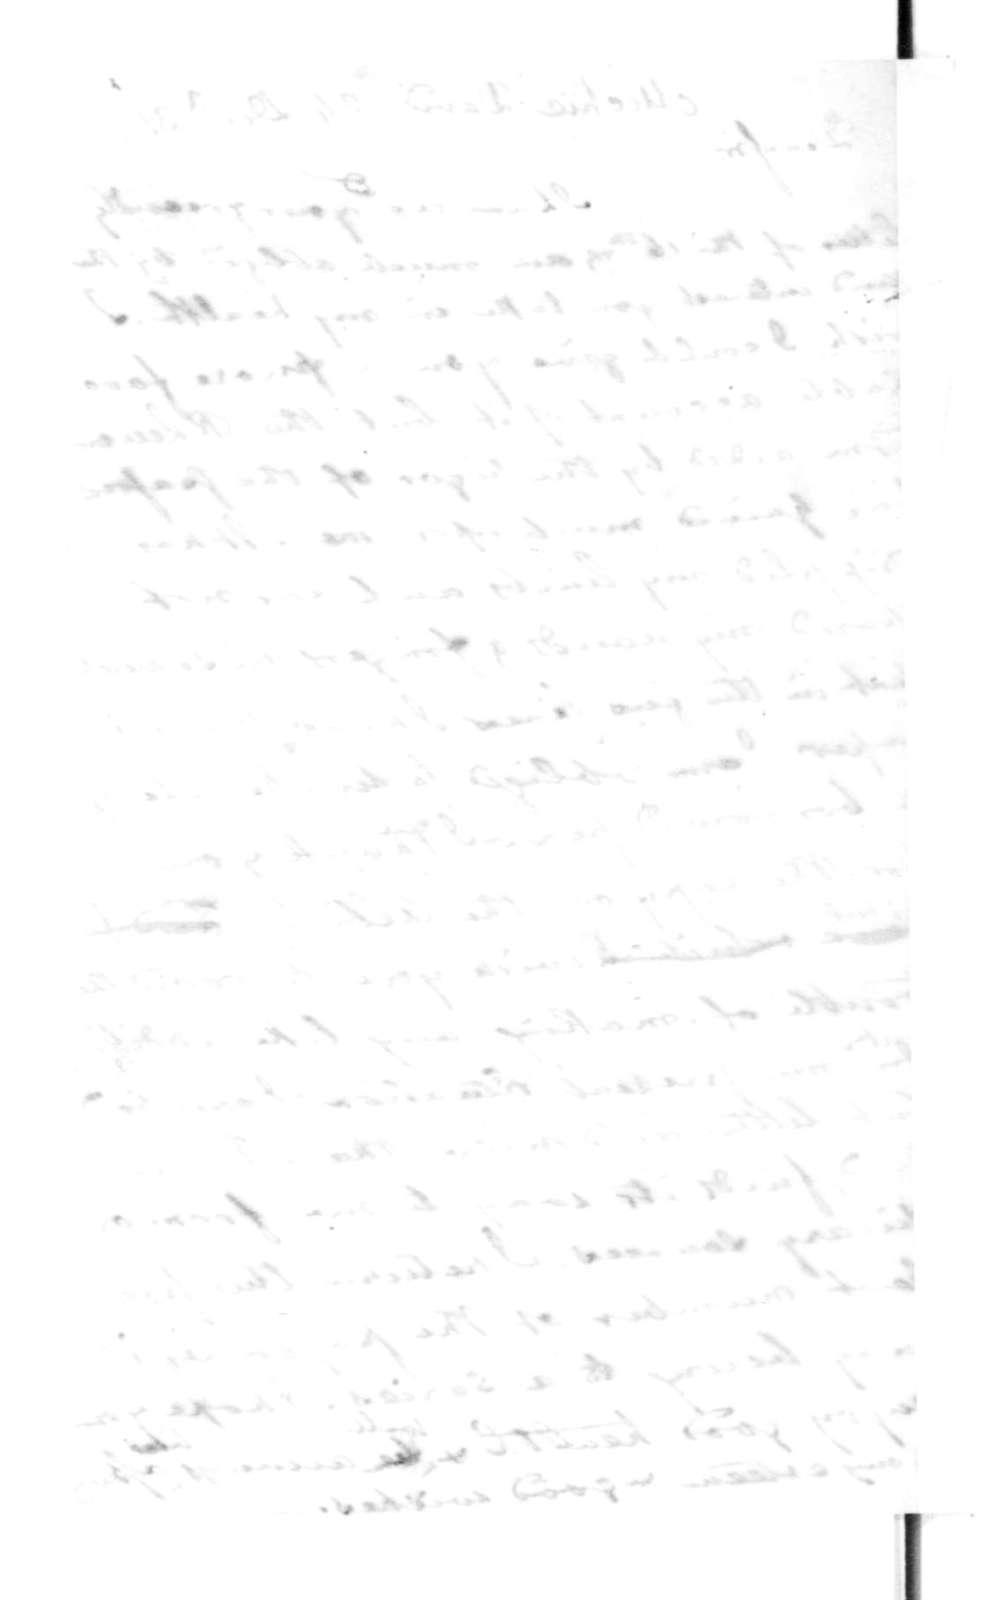 James Madison to David Michie, December 24, 1831.